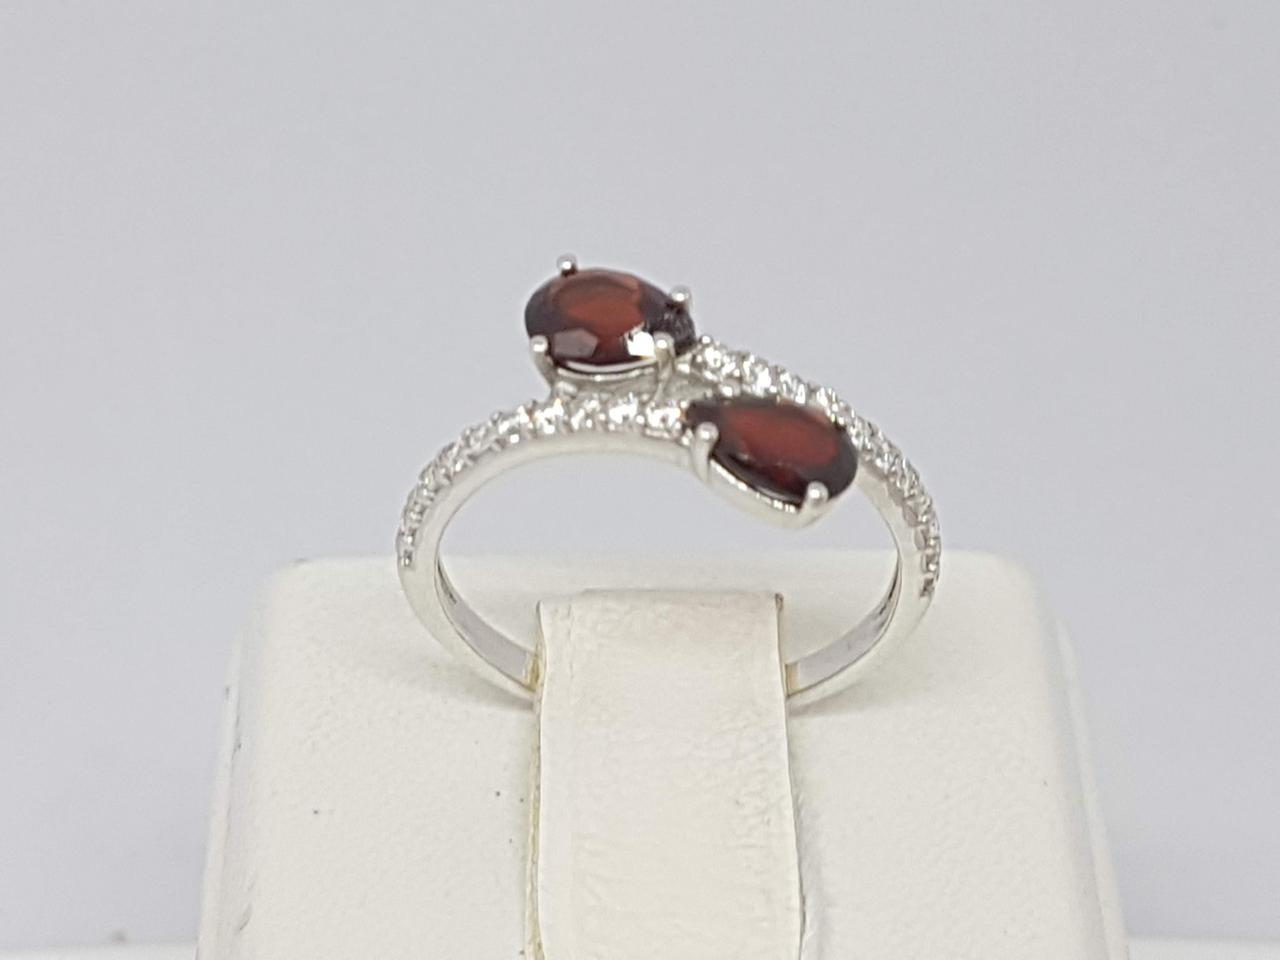 Серебряное кольцо Фламенко с гранатом. Артикул 1367/1Р-GARN 16